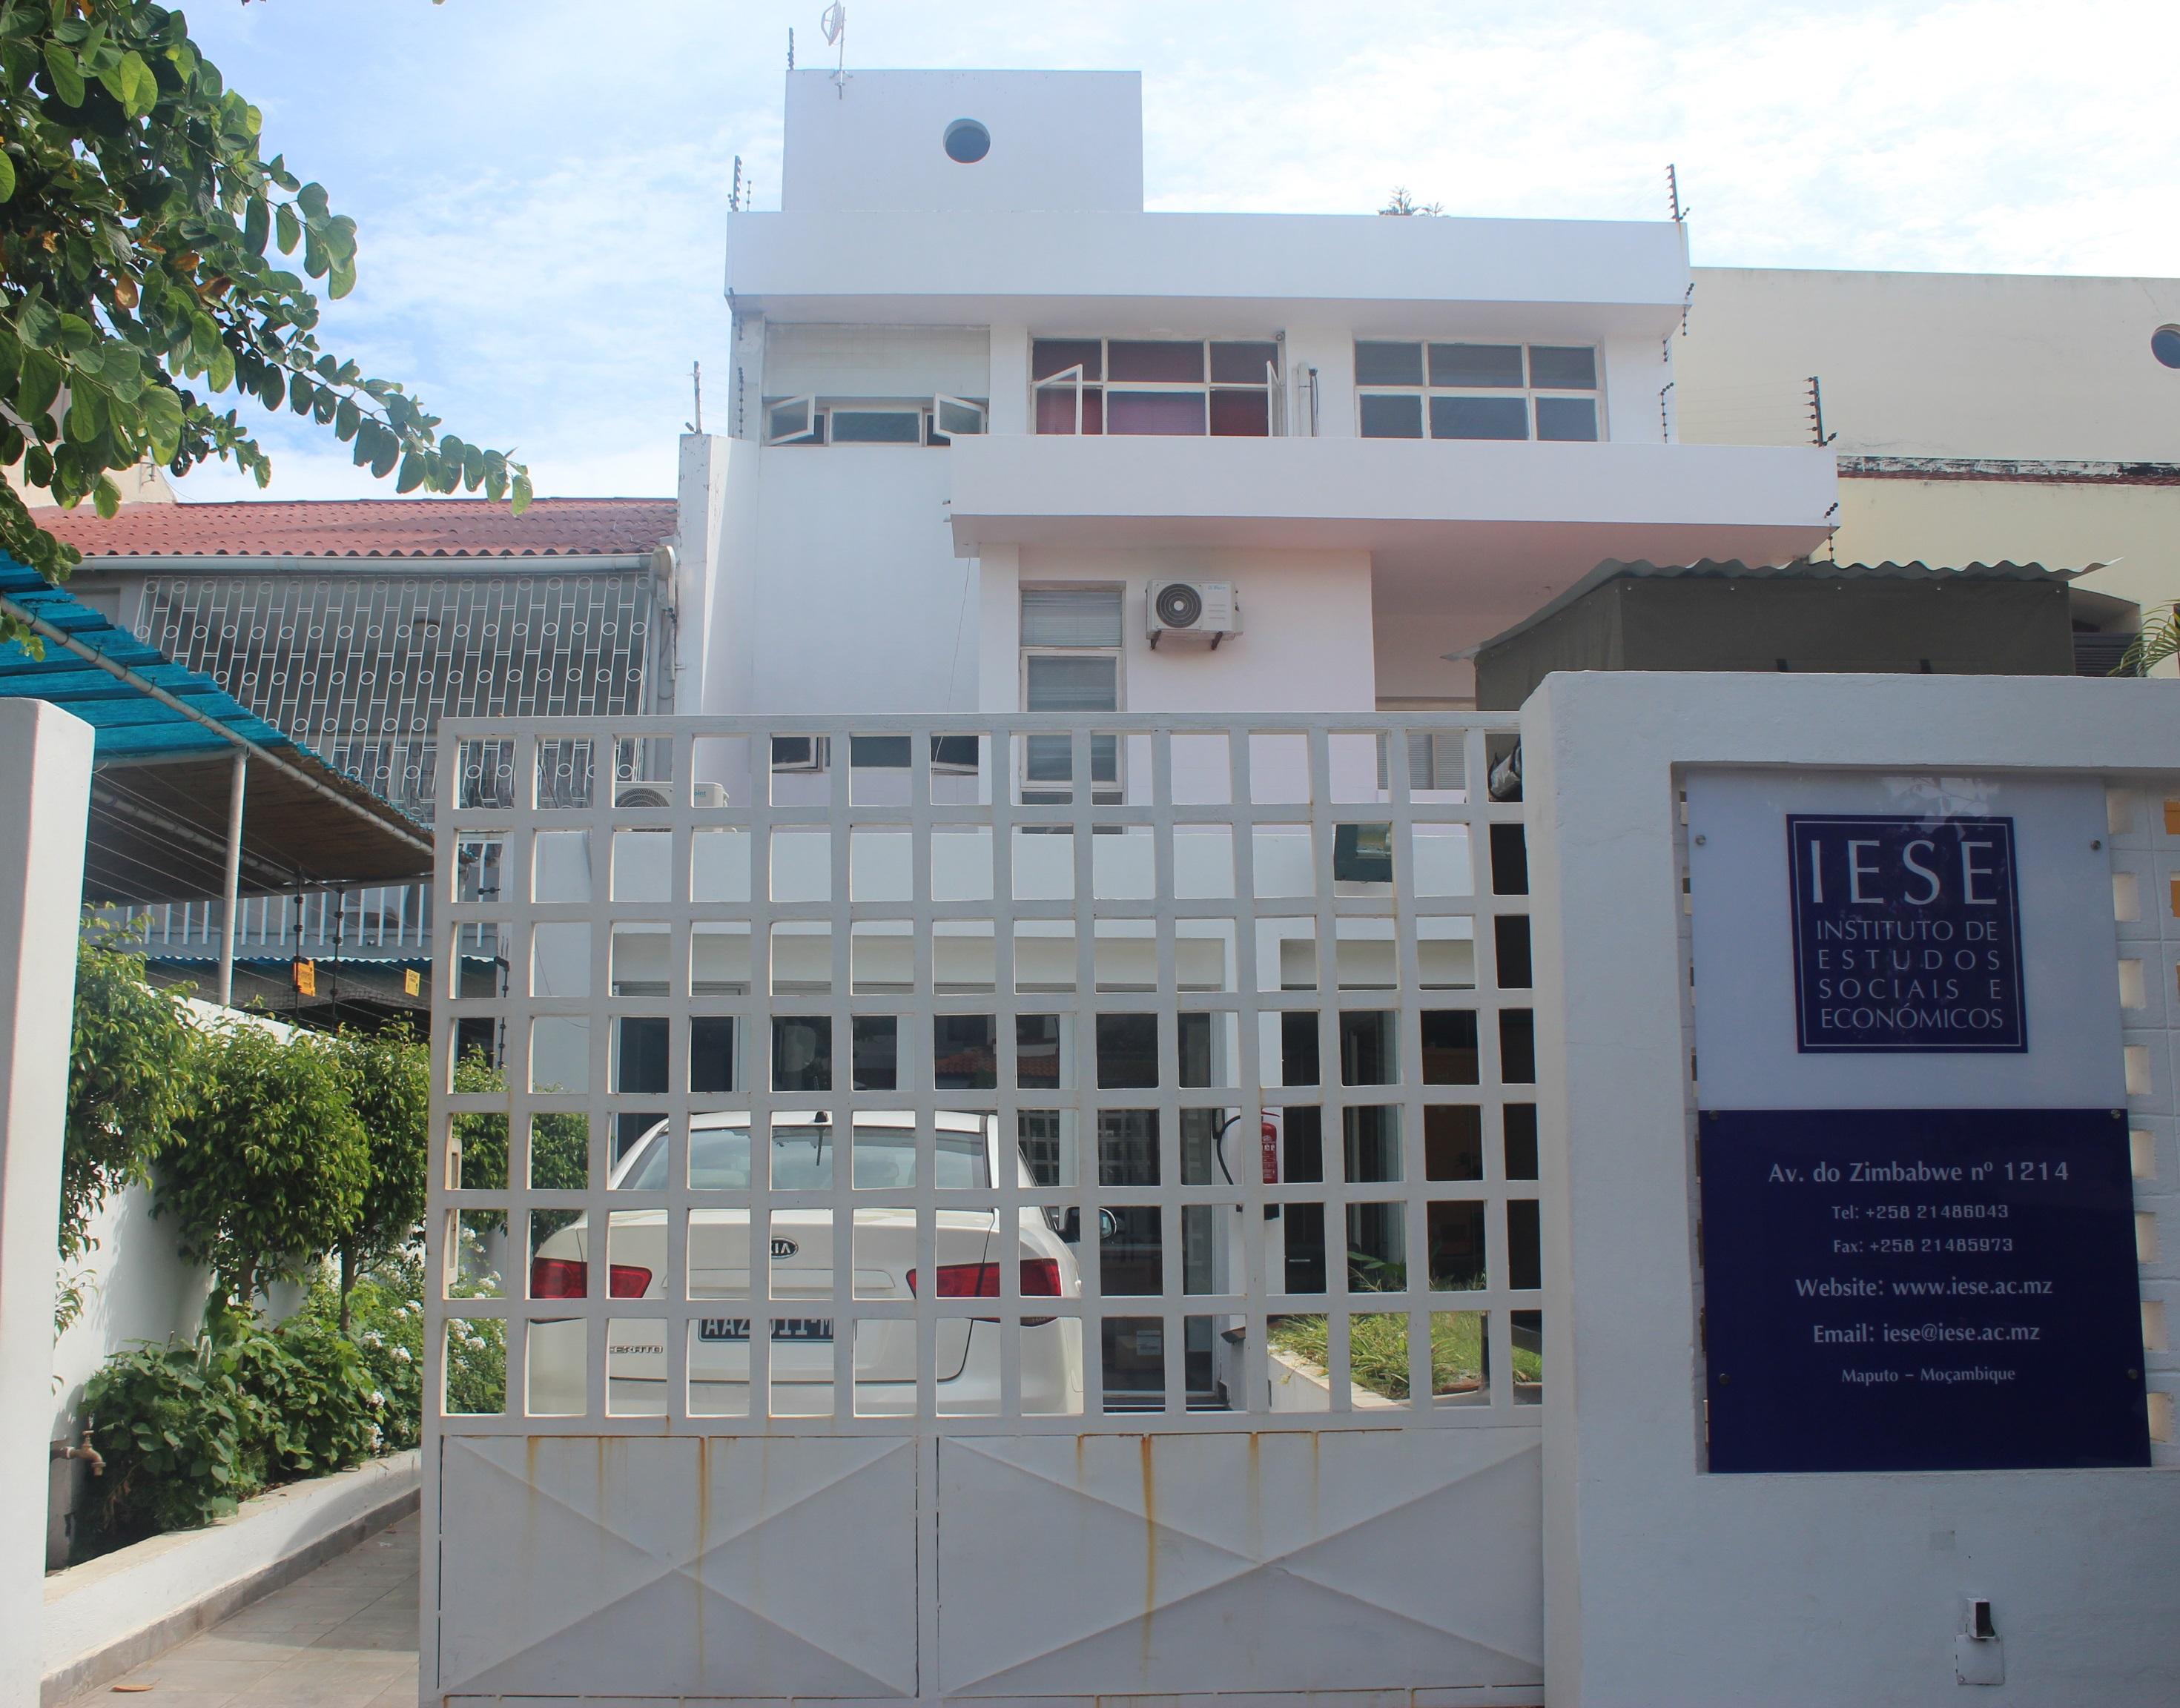 Veja o que saiu no Migalhas sobre Instituto de Estudos Sociais e Económicos